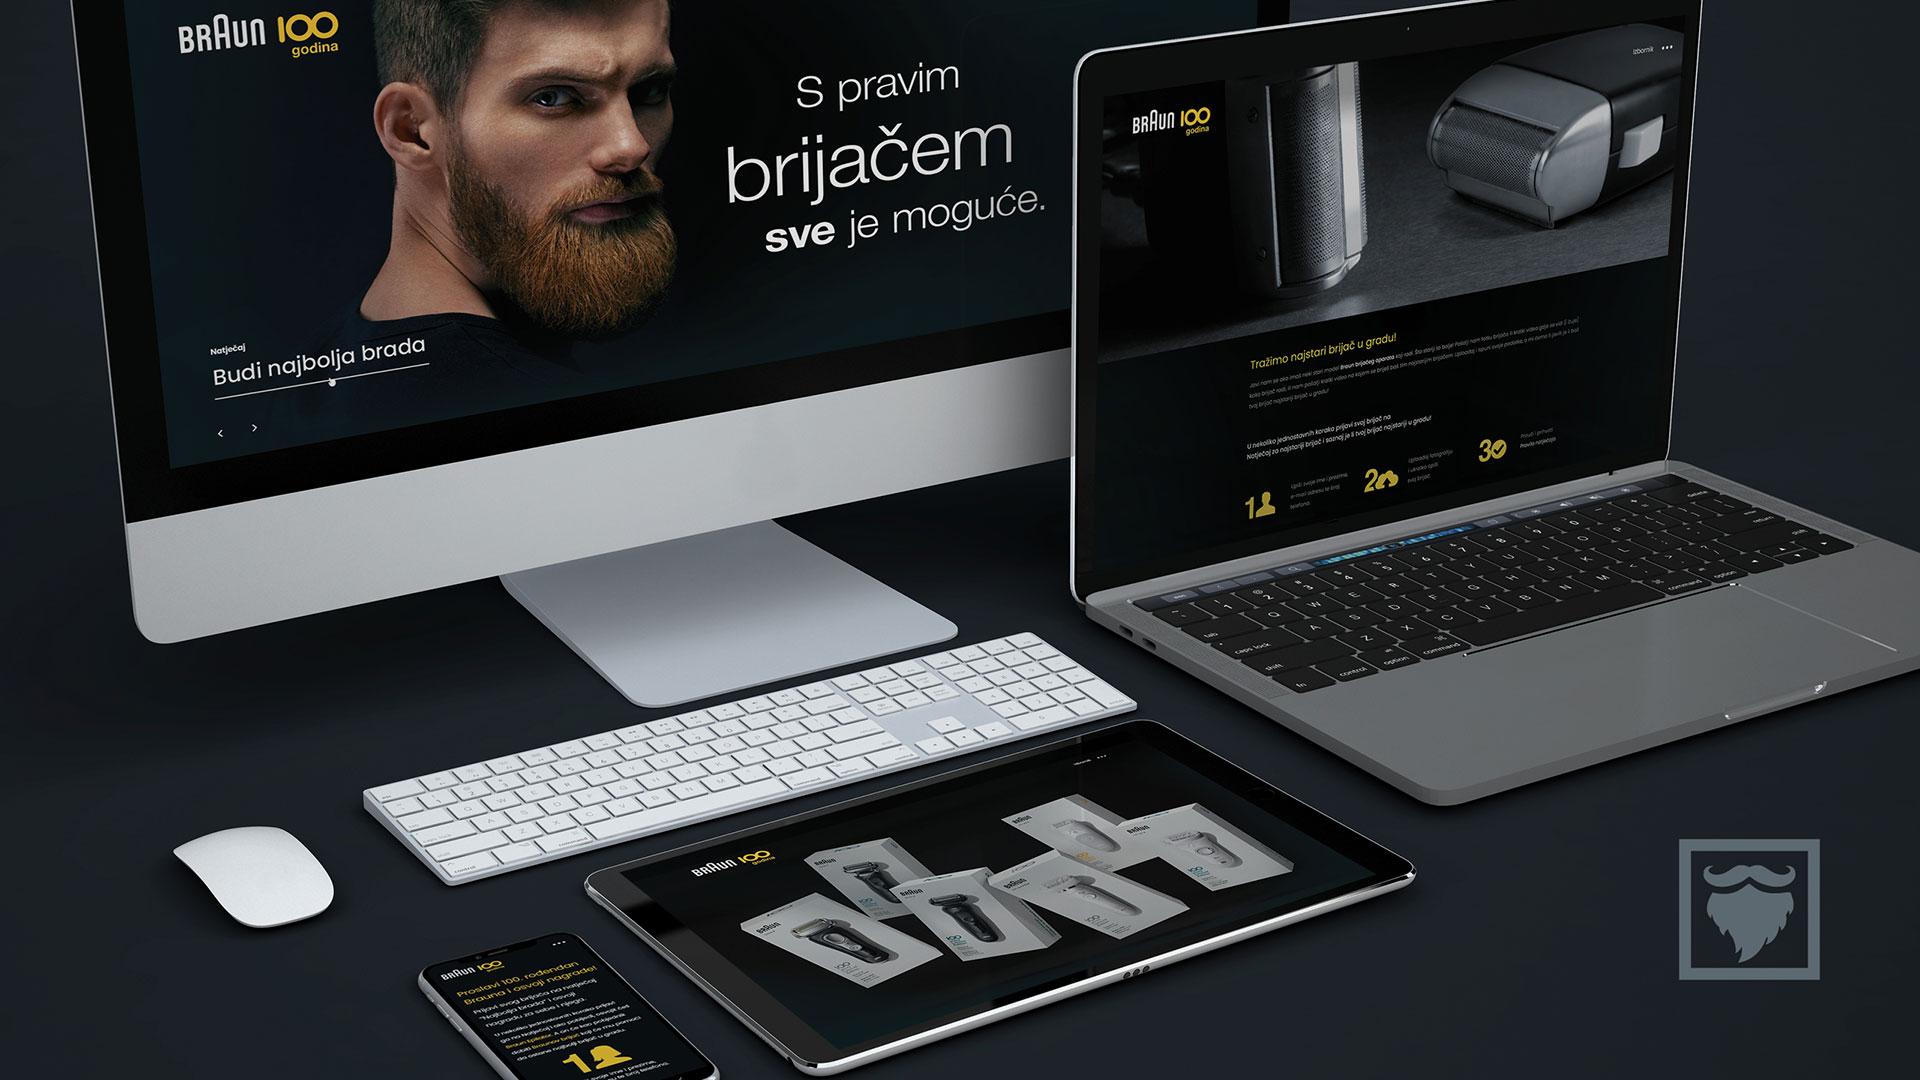 Brijači Braun micro-web